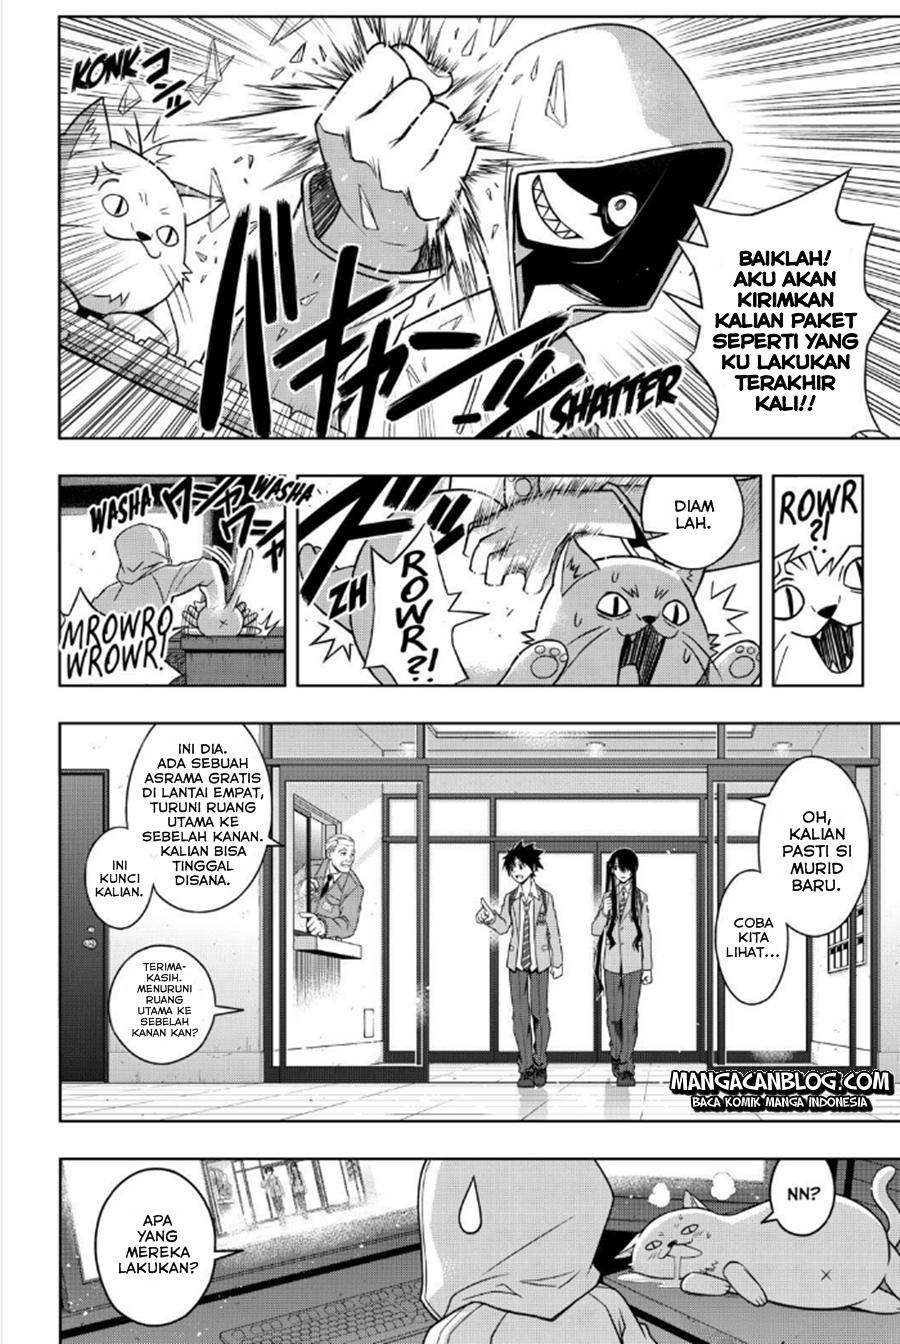 Komik uq holder 045 - pembunuh berantai 46 Indonesia uq holder 045 - pembunuh berantai Terbaru 14|Baca Manga Komik Indonesia